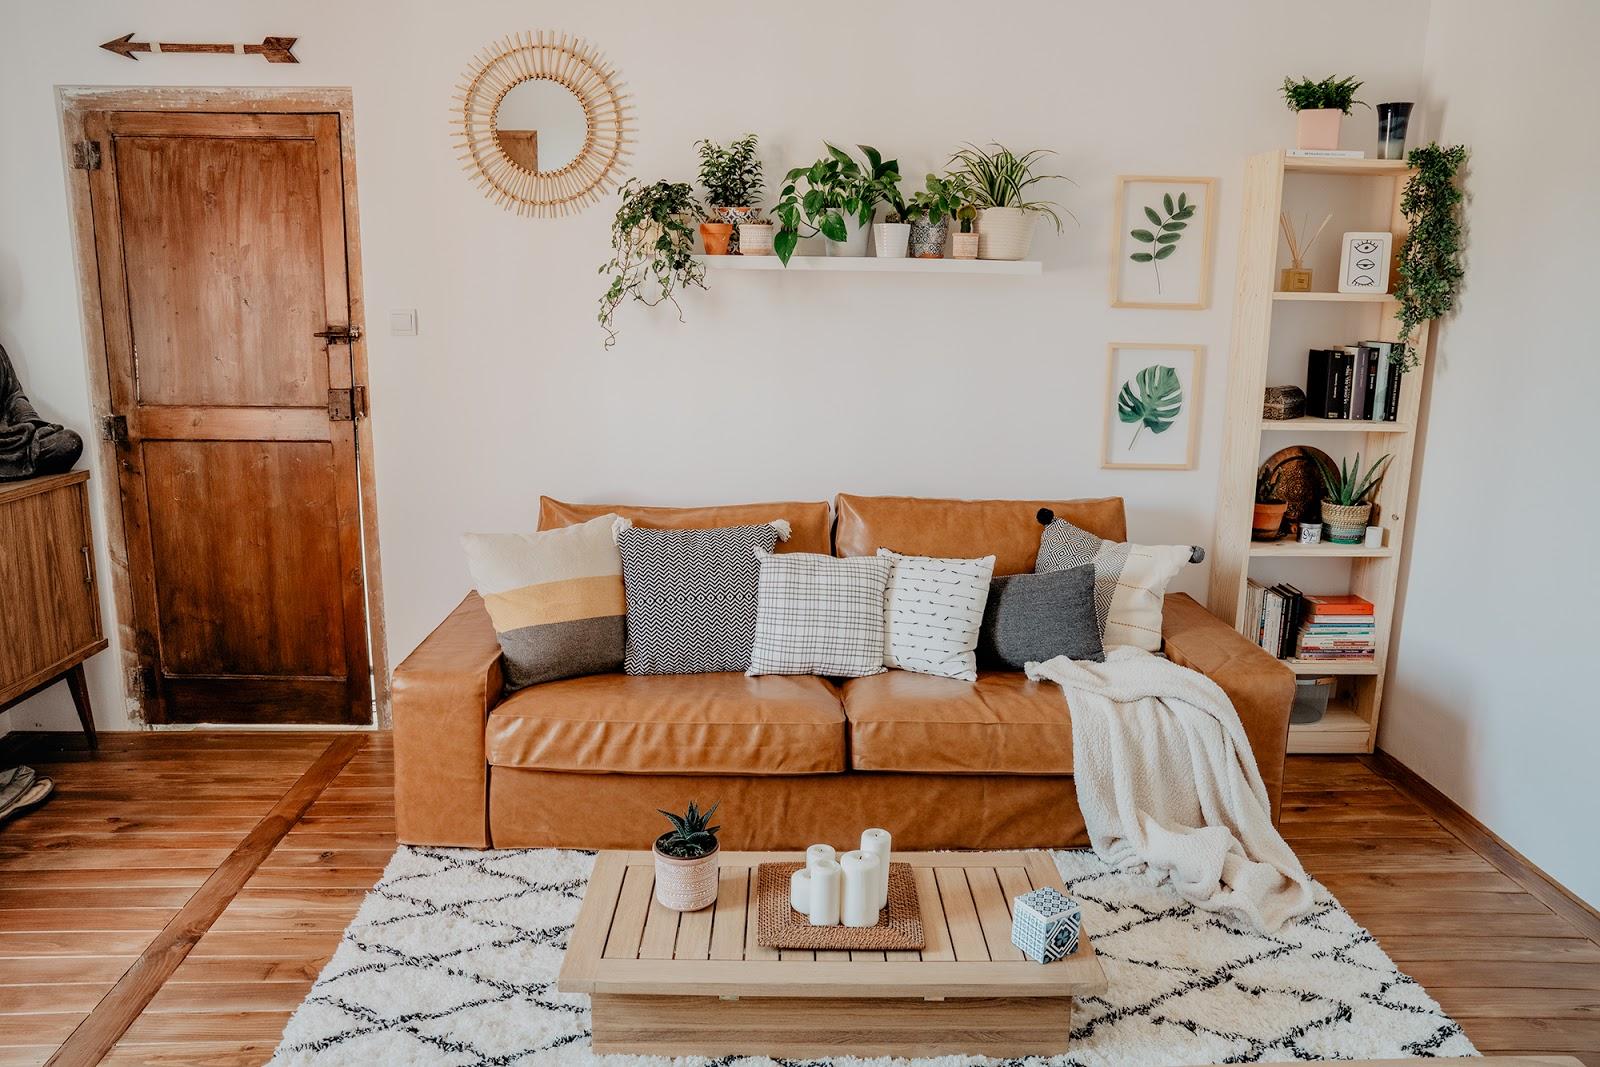 decoracion boho, decorar pared sofa, sofa kivik, leroy merlin,